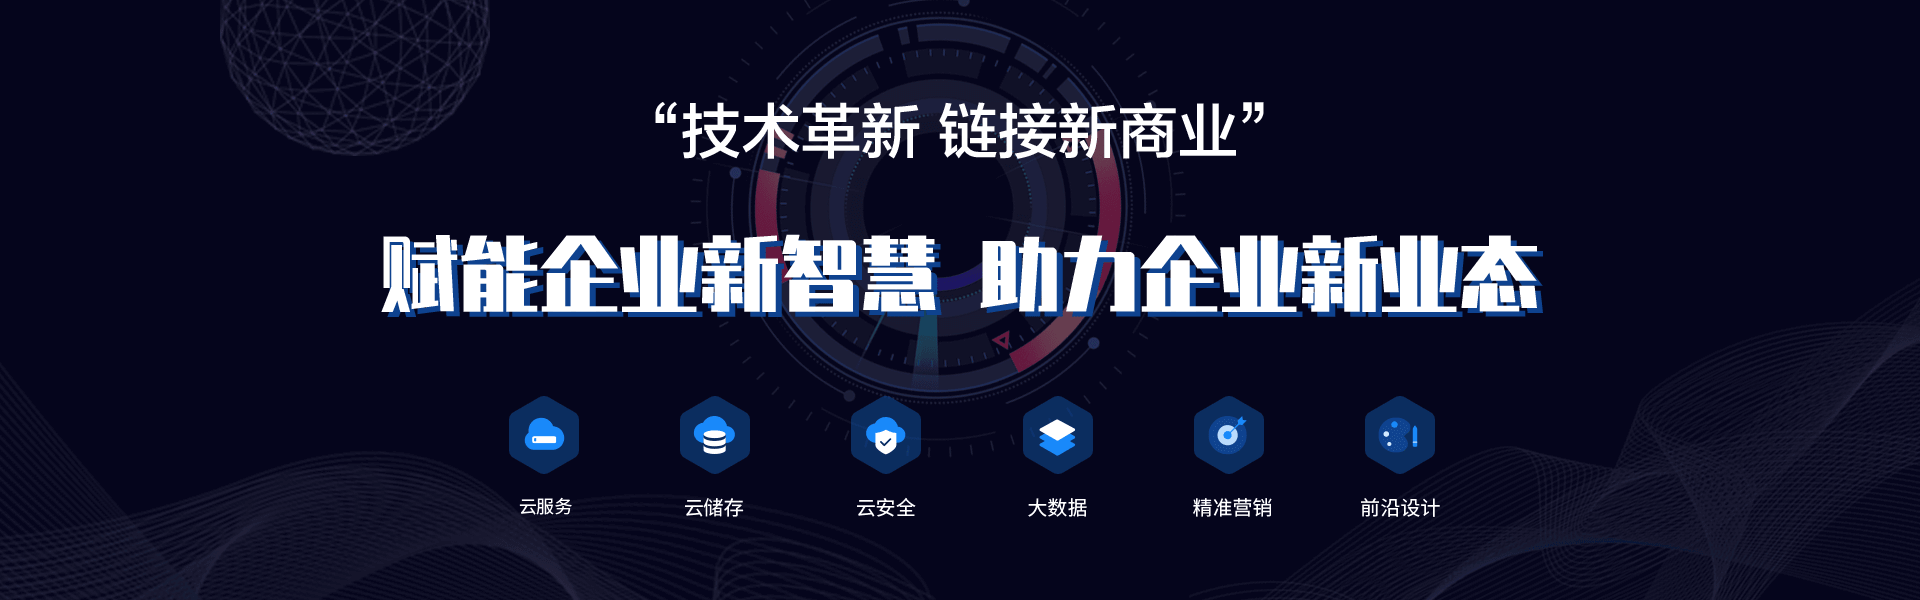 广州app开发公司排名